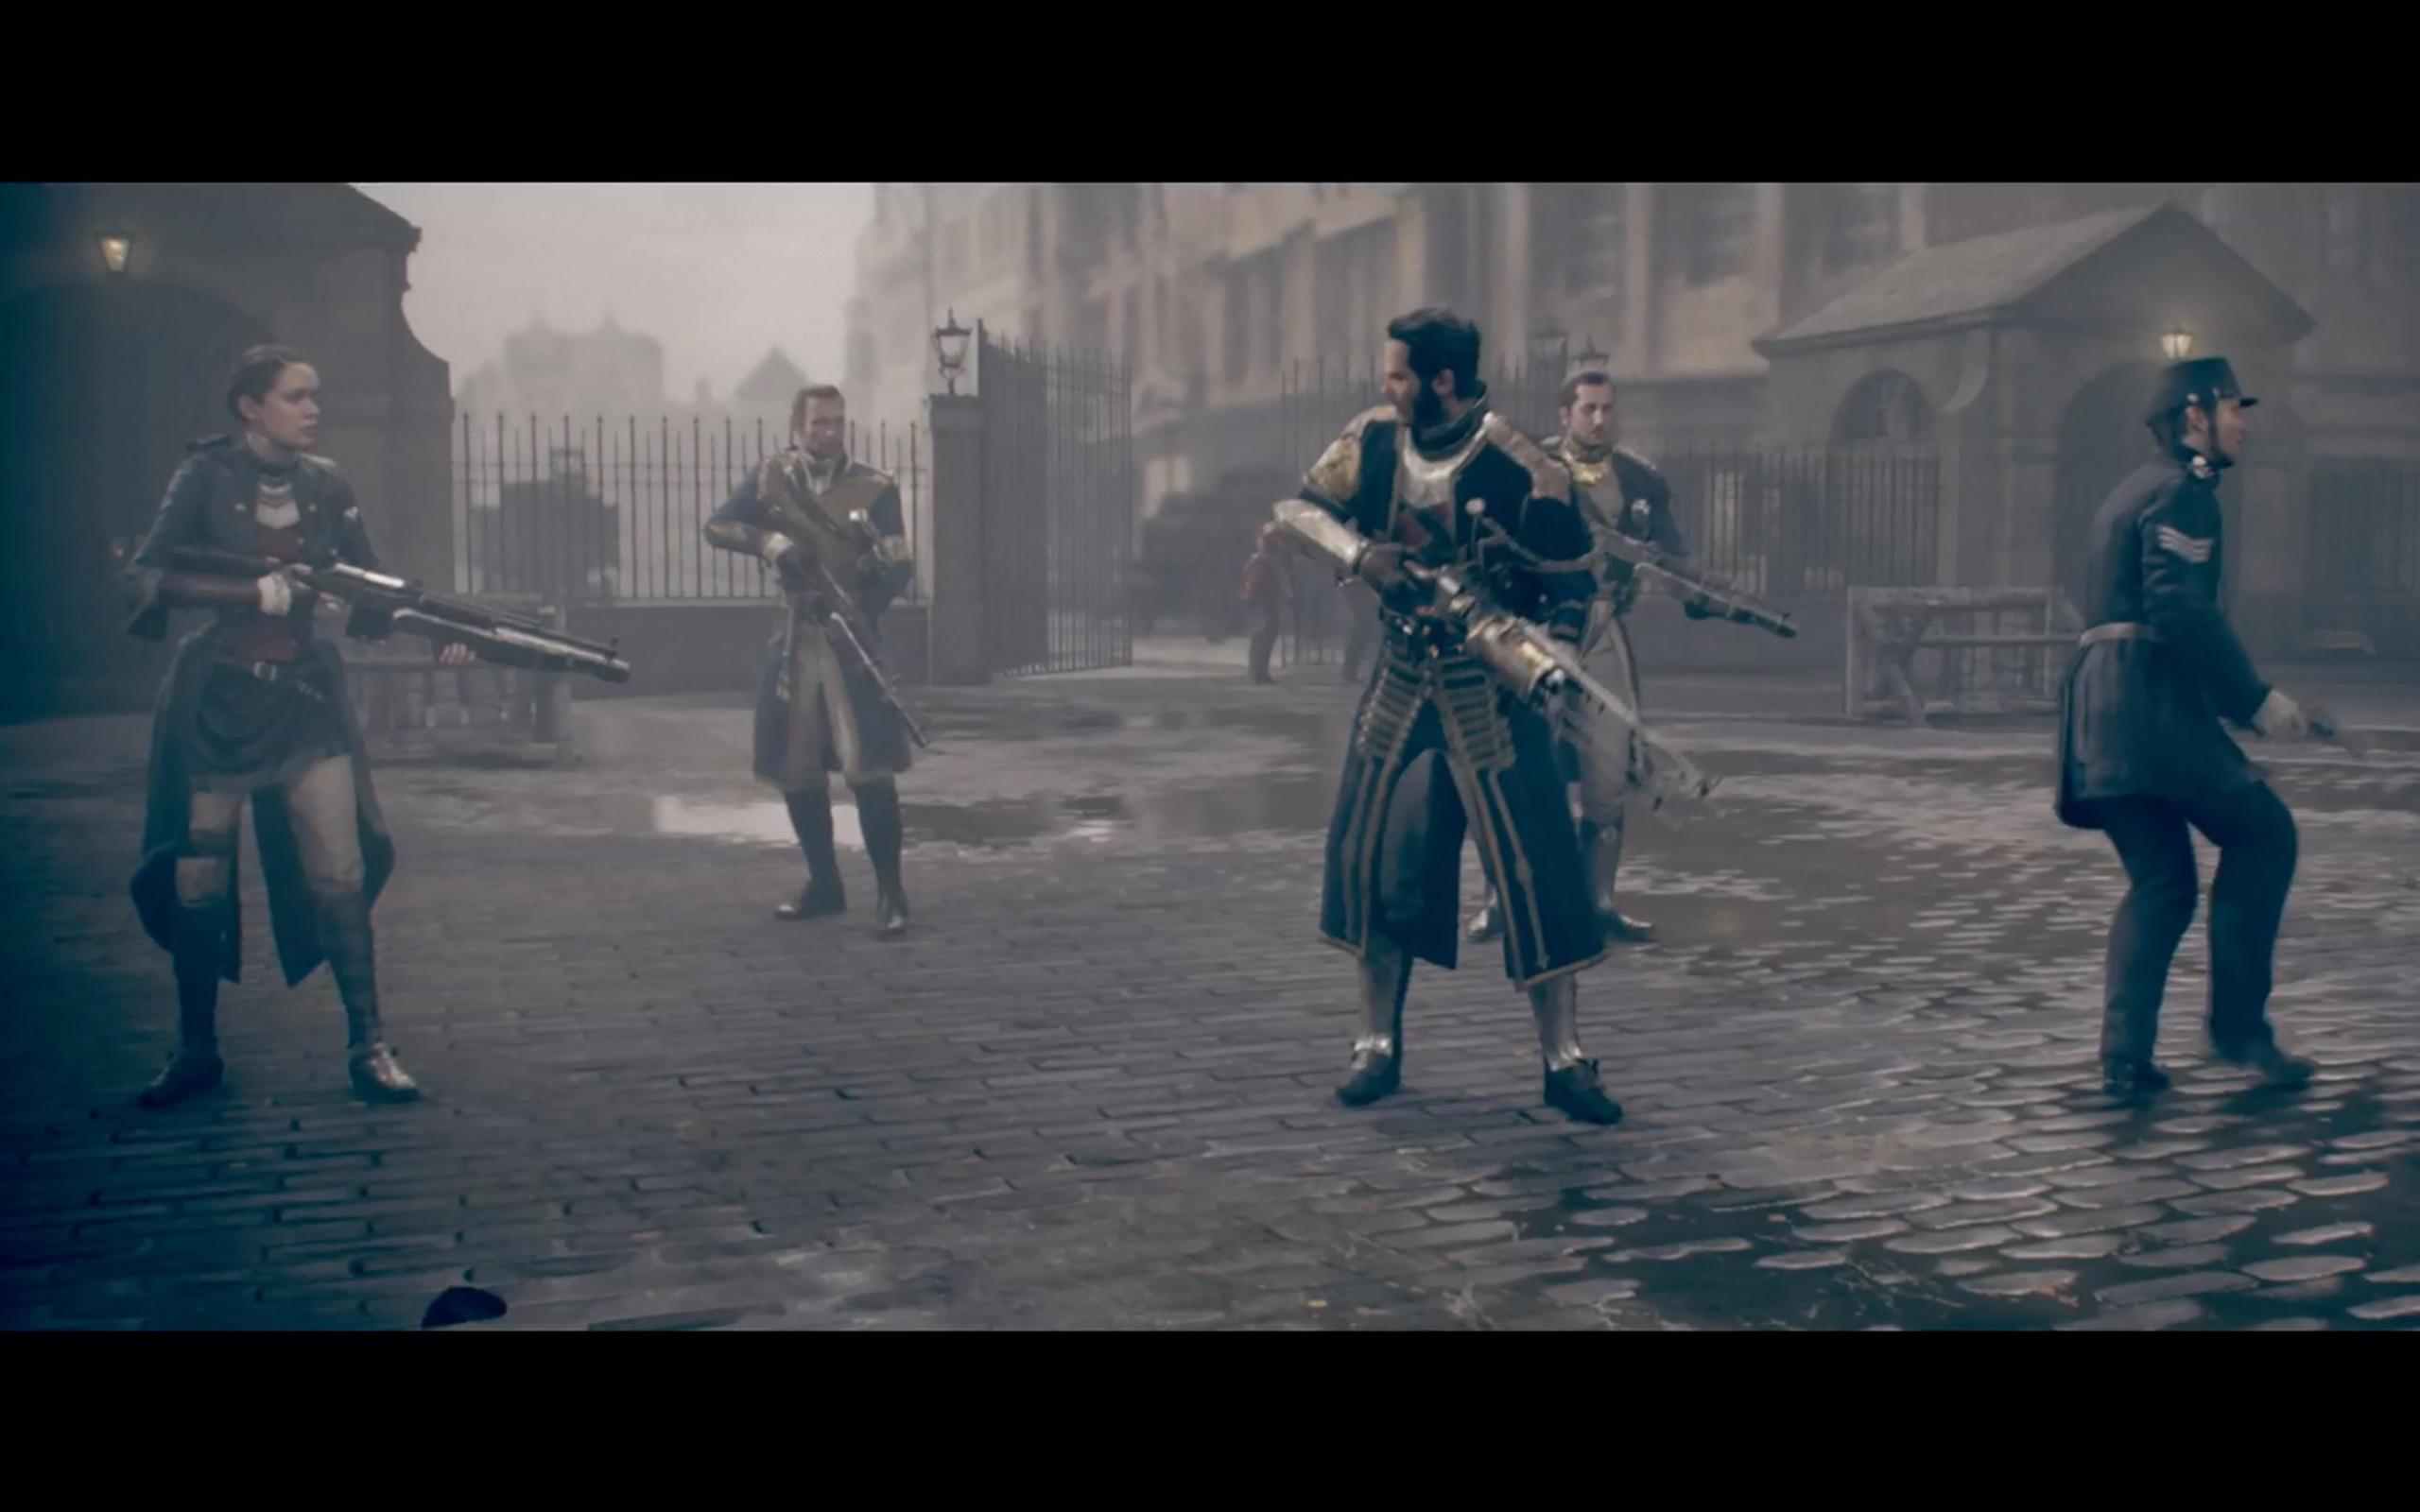 Die Ritter des Ordens in Aktion.